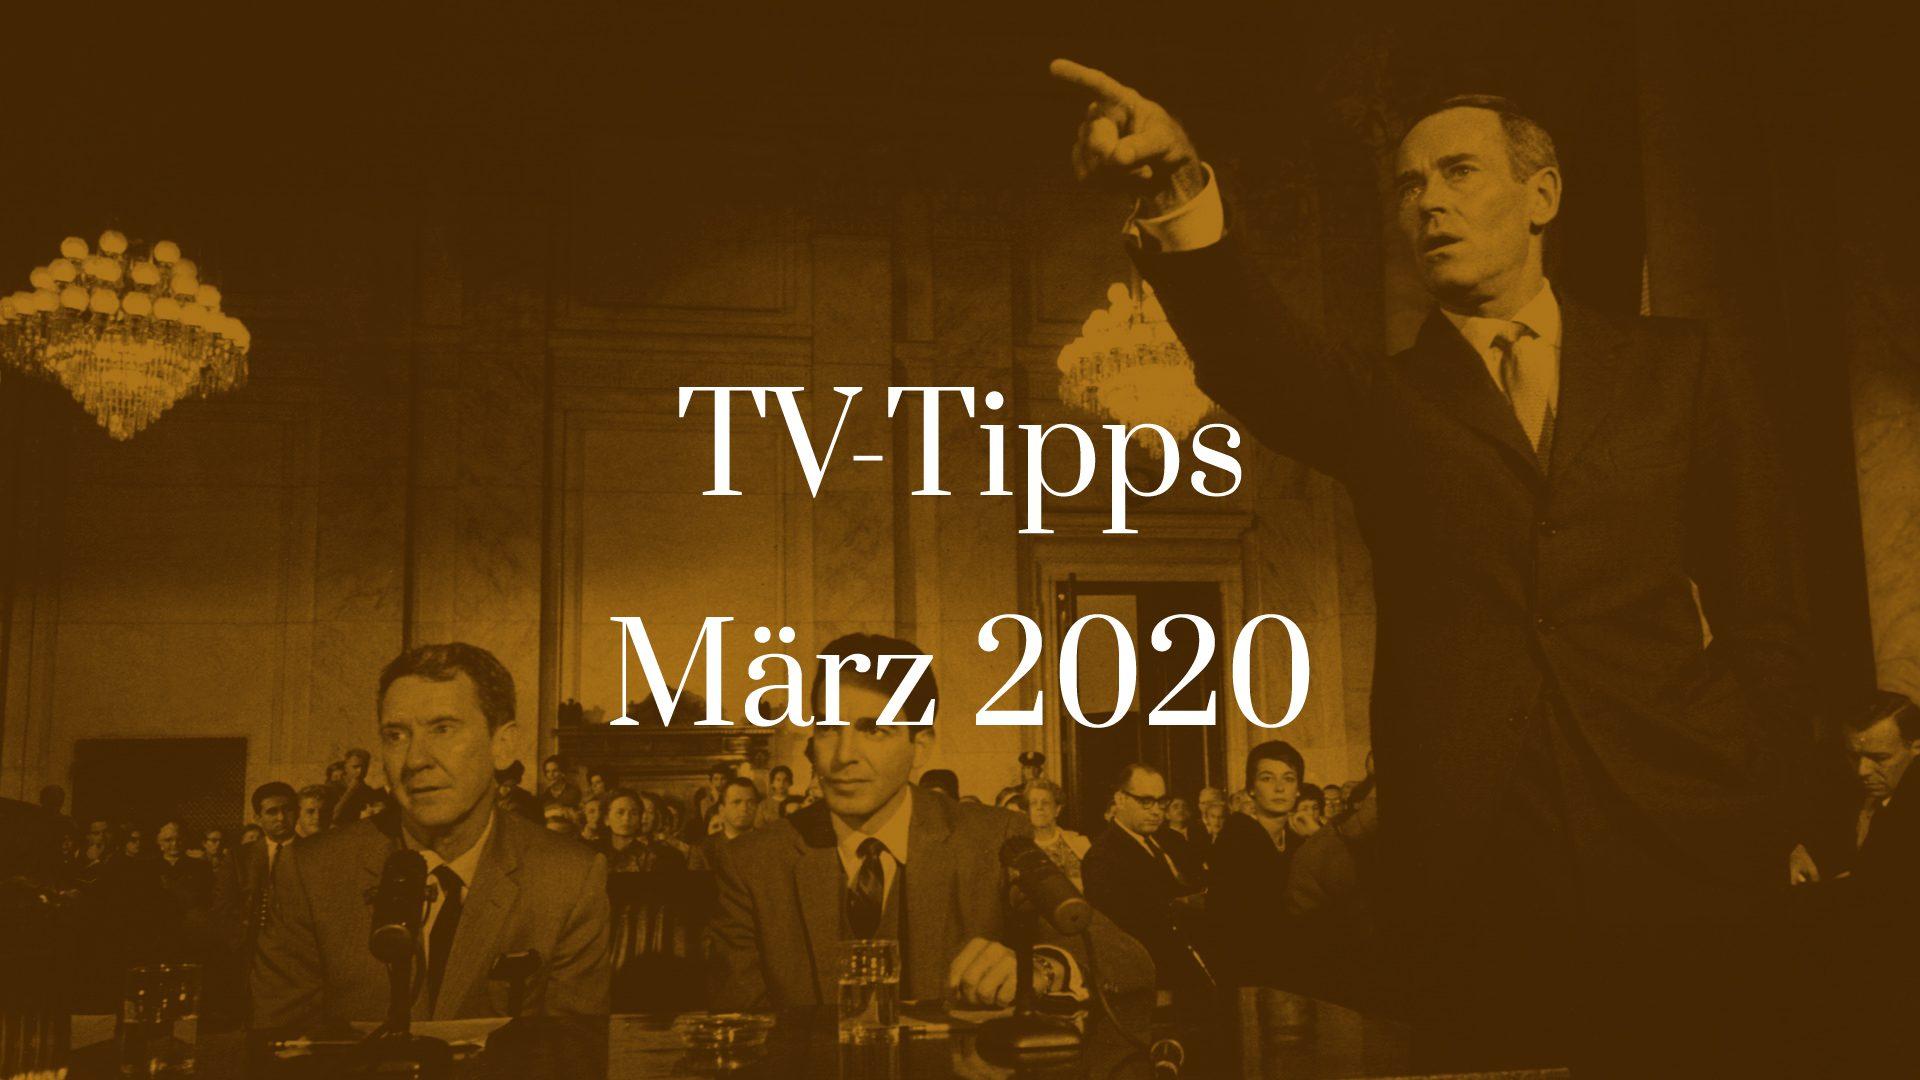 Titelbild zu TV-Tipps für März 2020